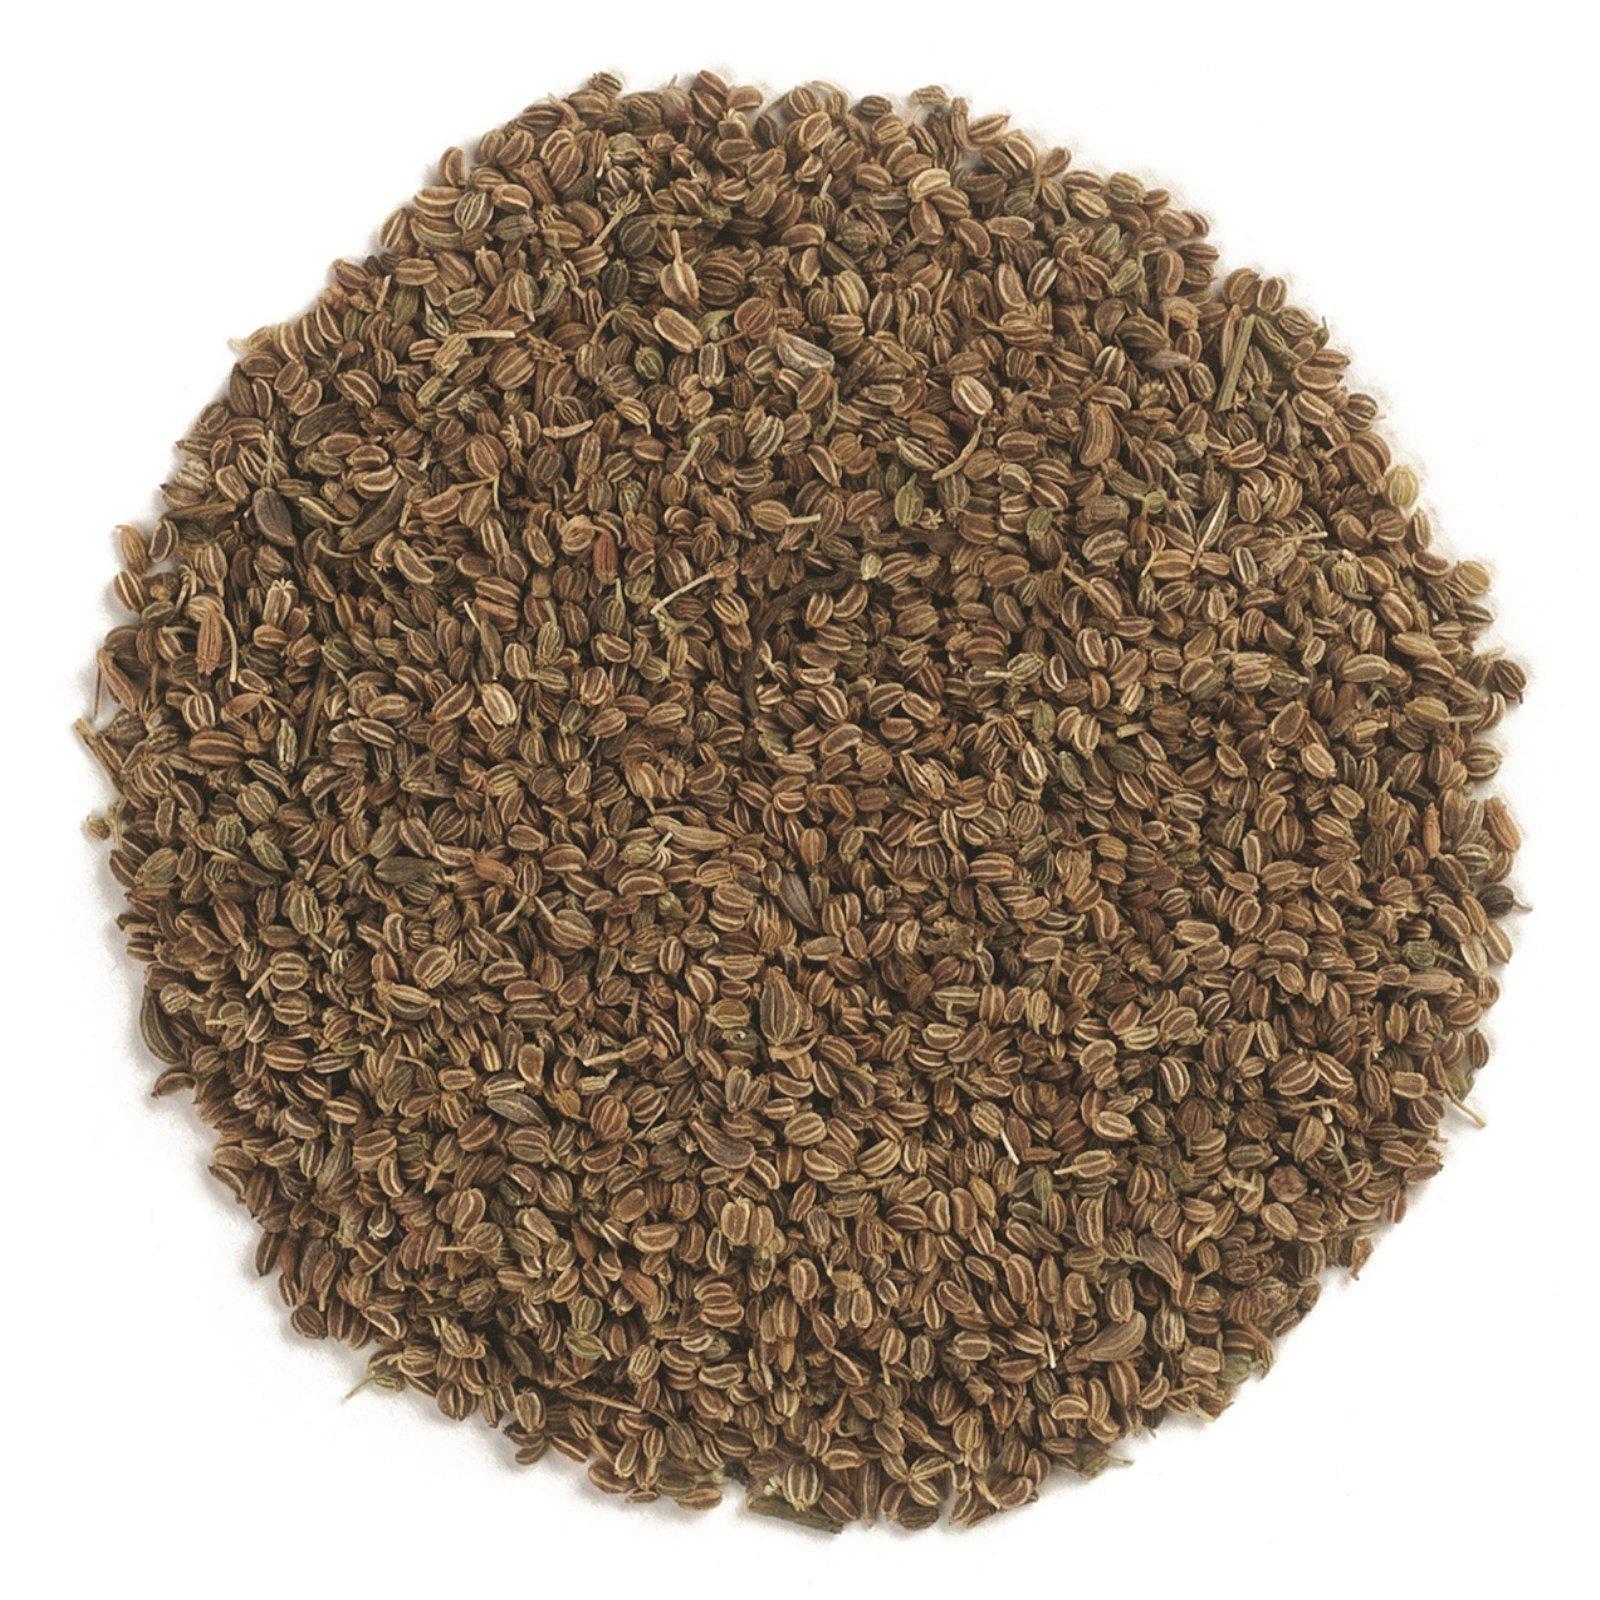 Frontier Natural Products, Цельное семя сельдерея, 16 унций (453 г)